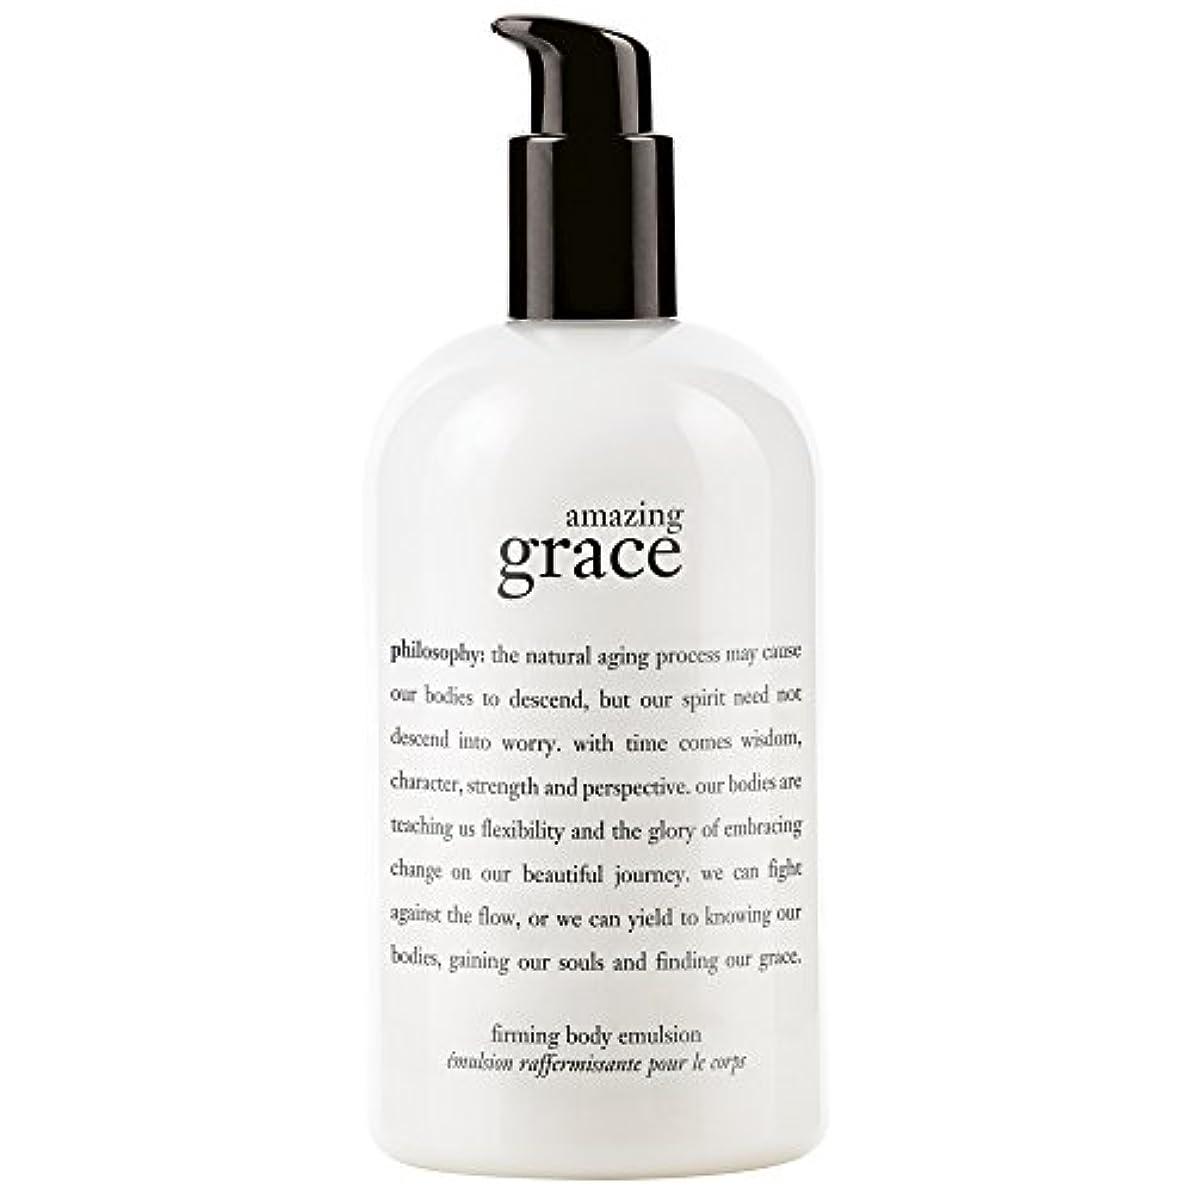 完璧クスコ最大限哲学驚くべき恵み引き締めボディエマルジョン480ミリリットル (Philosophy) (x2) - Philosophy Amazing Grace Firming Body Emulsion 480ml (Pack...